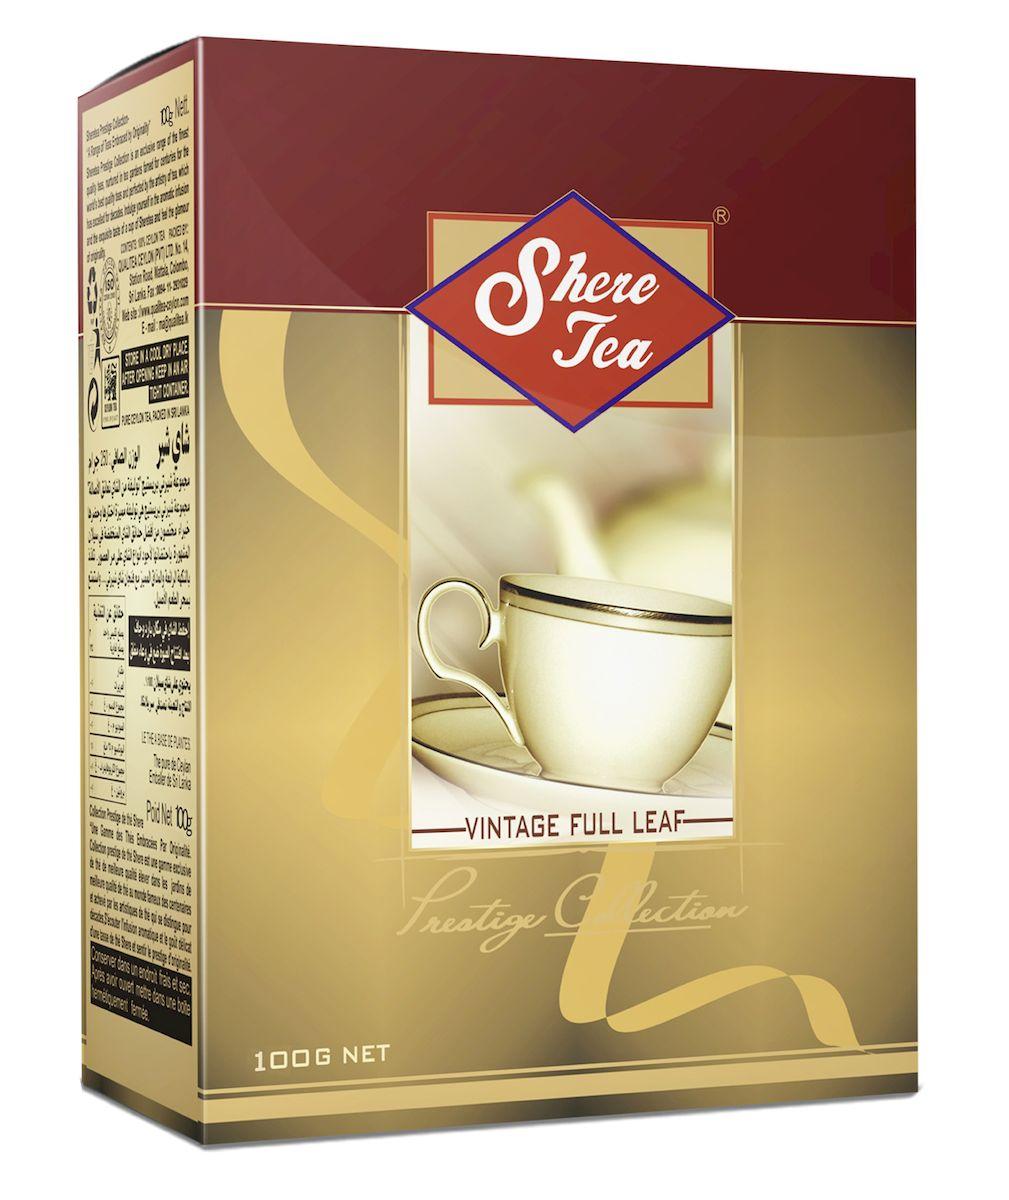 Shere Tea Престижная коллекция. OP1 чай черный листовой, 100 г4791014001218Чай Шери престижная коллекция. Листья для этого чая собирают с кустов после того, как почки полностью раскрываются. Для этого сорта собирают первый и второй лист с ветки. В сухой заварке листья должны быть крупными (от 8 до 15 мм), однородными, хорошо скрученными. Этот сорт практически не содержит типсов. Этот сорт имеет достаточно высокое содержание ароматических масел, и поэтому настой чай очень ароматен. Также этот чай характерен вкусом с горчинкой благодаря большому содержанию дубильных веществ. Кофеина в этом чае немного меньше, так как в нем используют более взрослые листы, в которых содержание кофеина меньше, чем в типсах и молодых листах. В конце аббревиатуры стандарта можно увидеть цифру 1. Эта цифра обозначает более высокое качество, чем среднее, более высокое содержание типсов, самые отборные листья, очень ровную и особенно аккуратную скрутку листьев. Чай имеет яркий, прозрачный, интенсивный, настой. Вкус полный, терпкий, слегка вяжущий. Аромат...